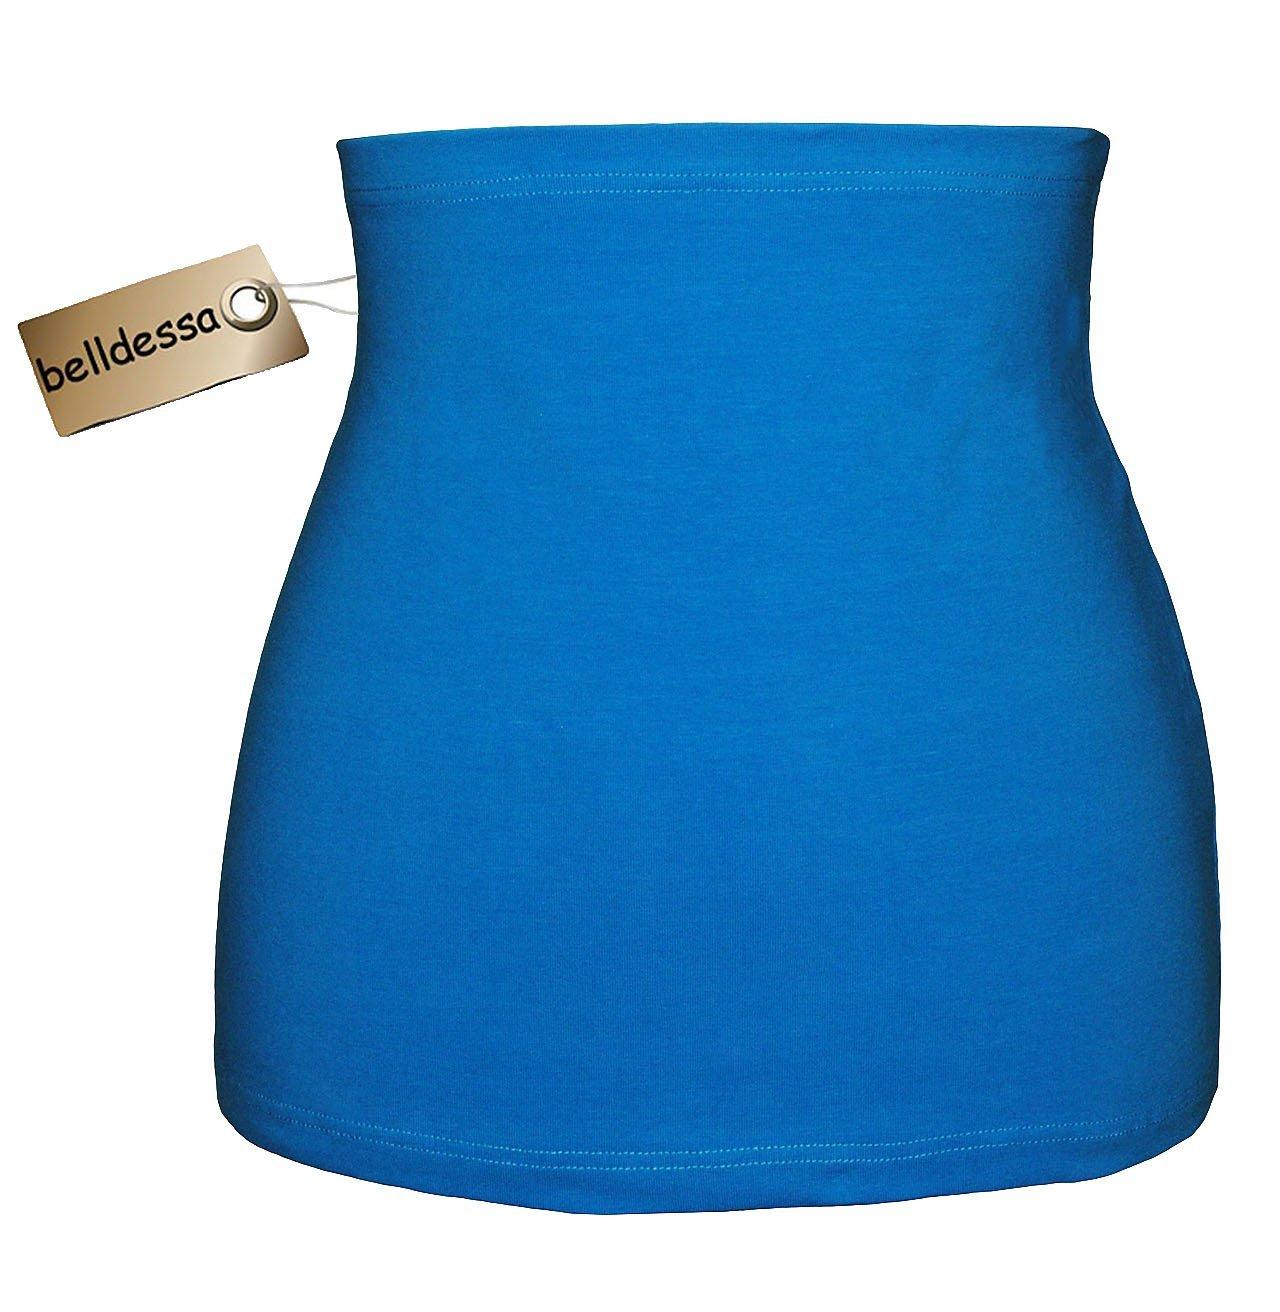 Jersey Baumwolle - azur / türkis blau - Nierenwärmer / Rückenwärmer / Bauchwärmer / Shirt Verlängerer - Größe: Damen Frauen XS - ideal auch für Blasenentzündung und Hexenschuss / Rückenschmerzen / Menstruationsbeschwerden belldessa